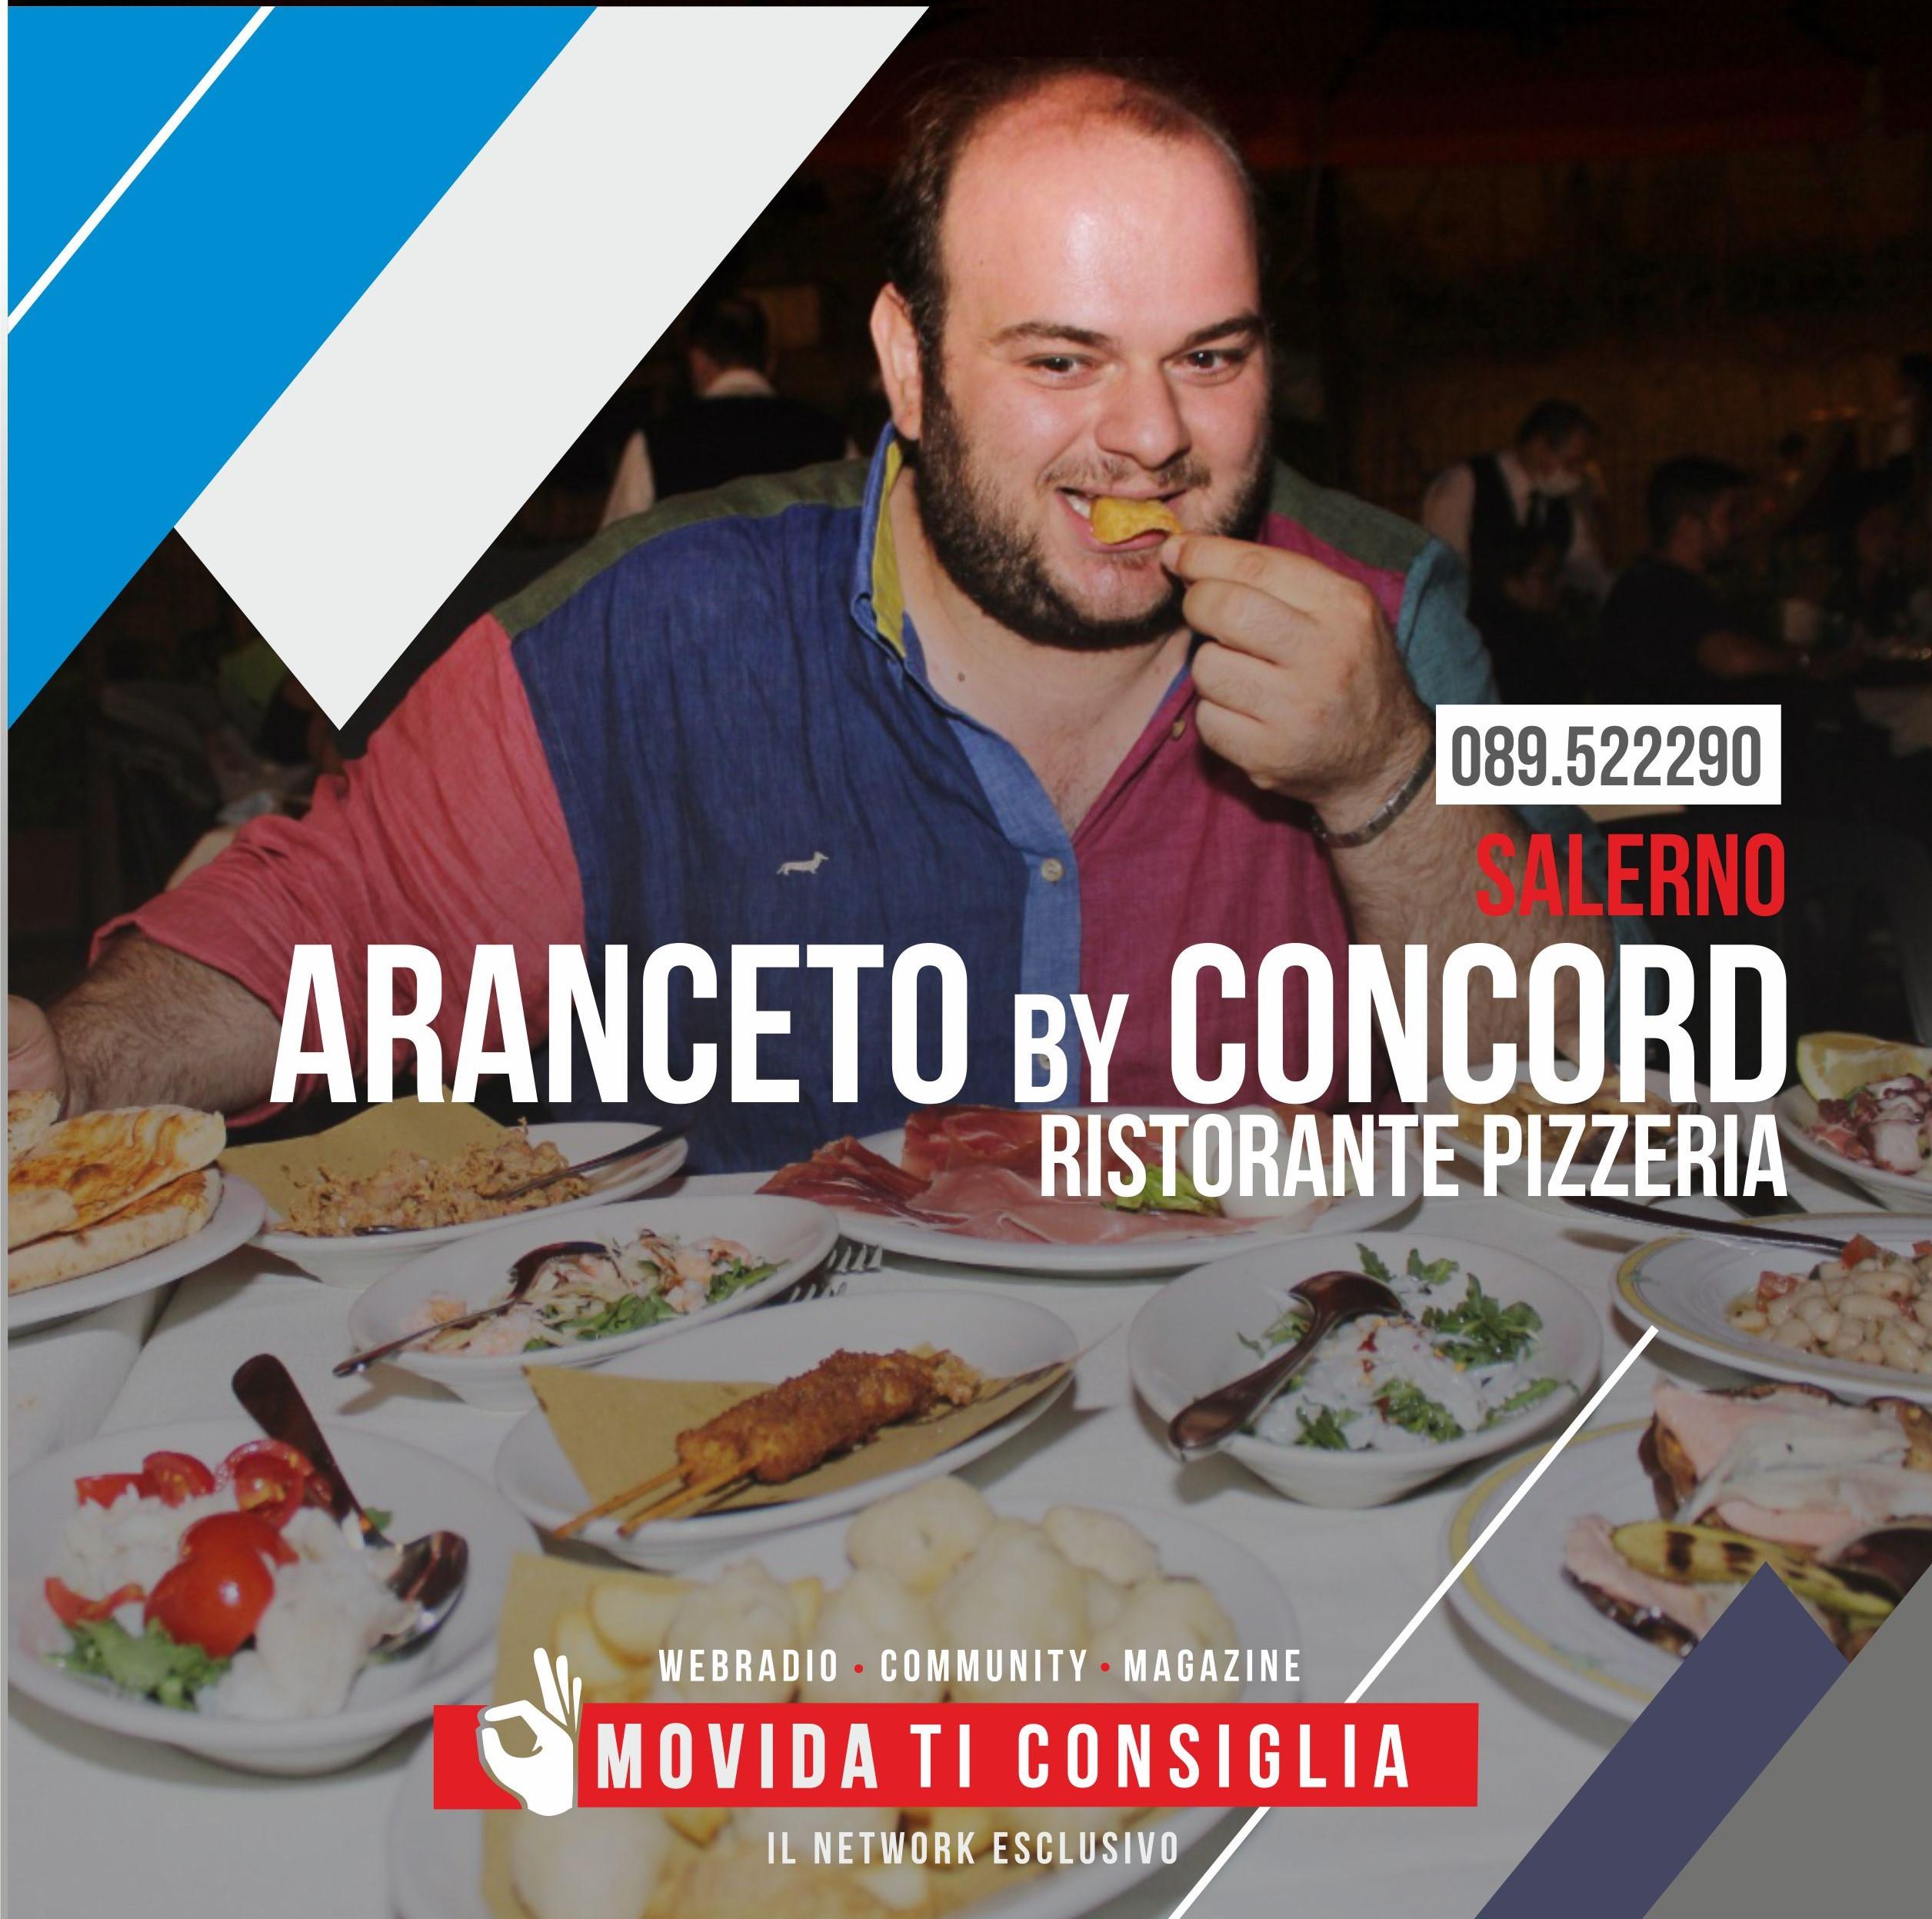 ARANCETO BY CONCORD